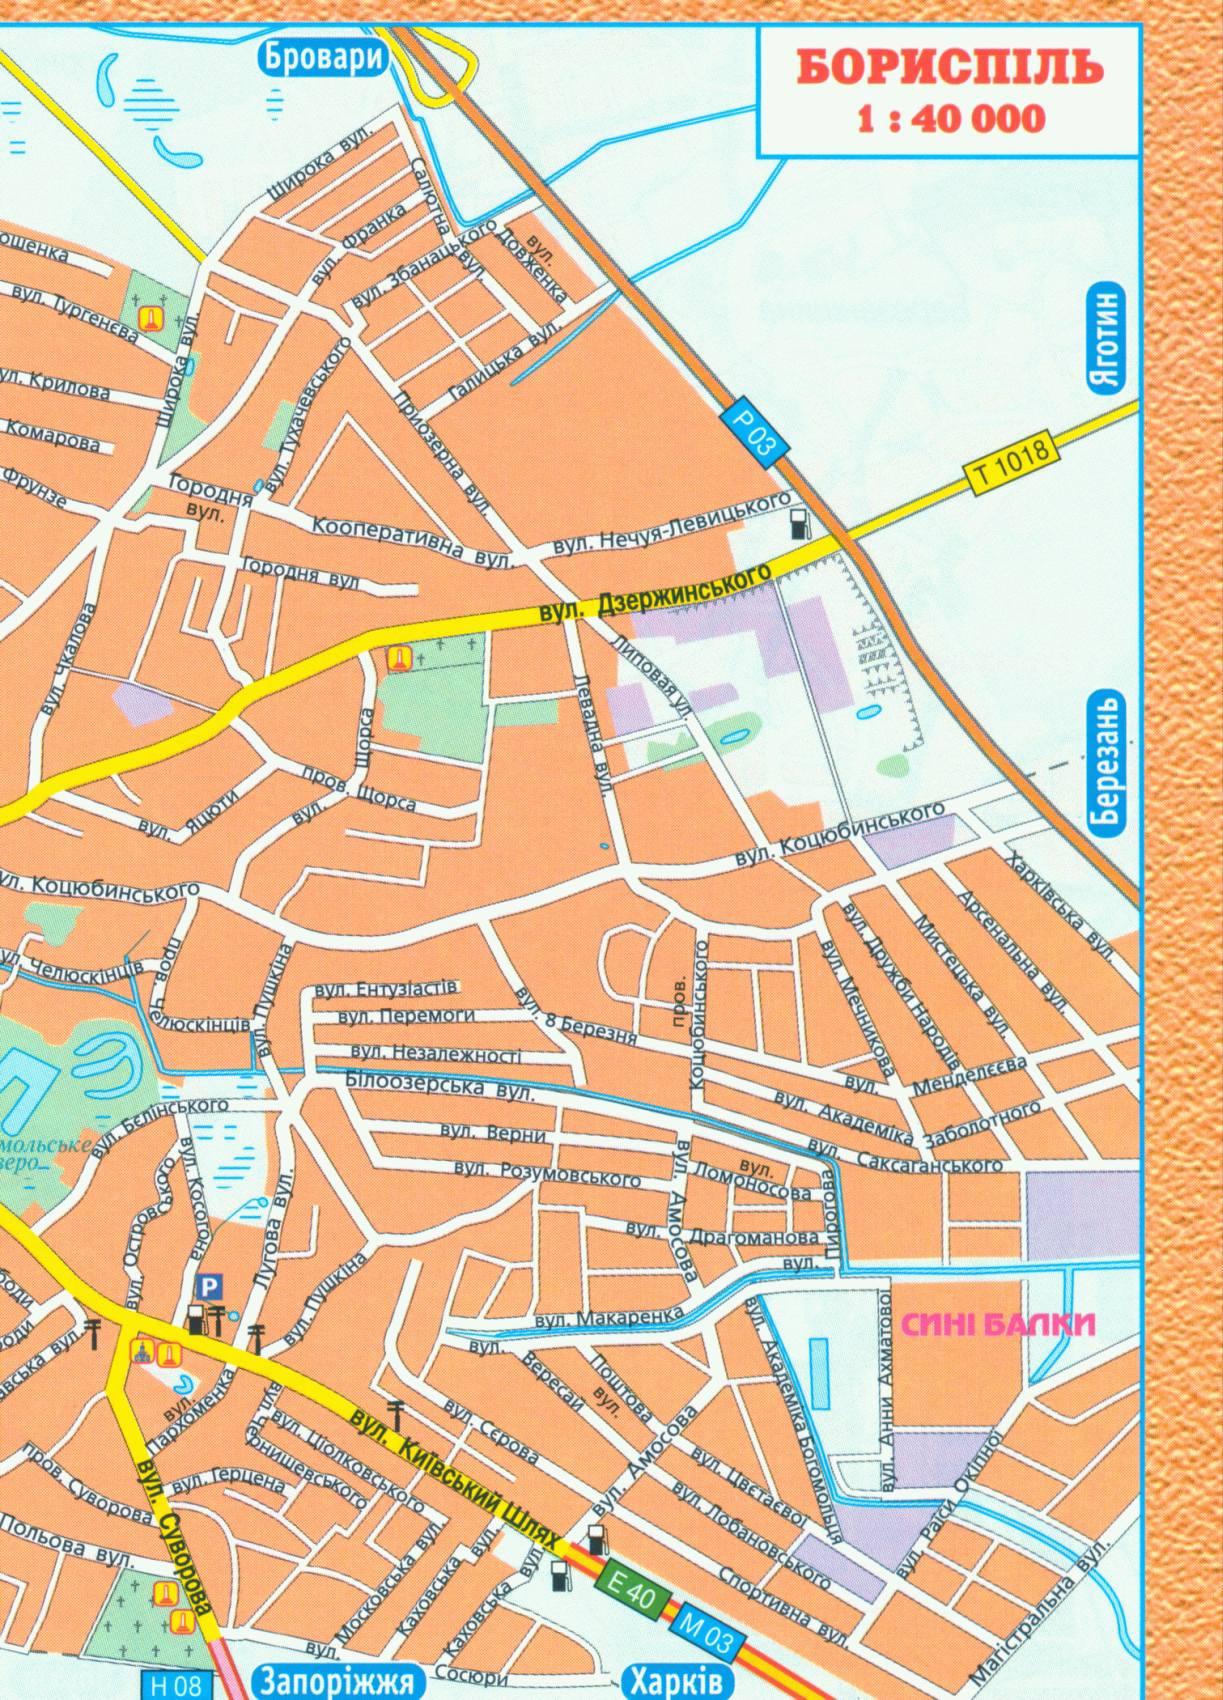 Карта города Борисполь